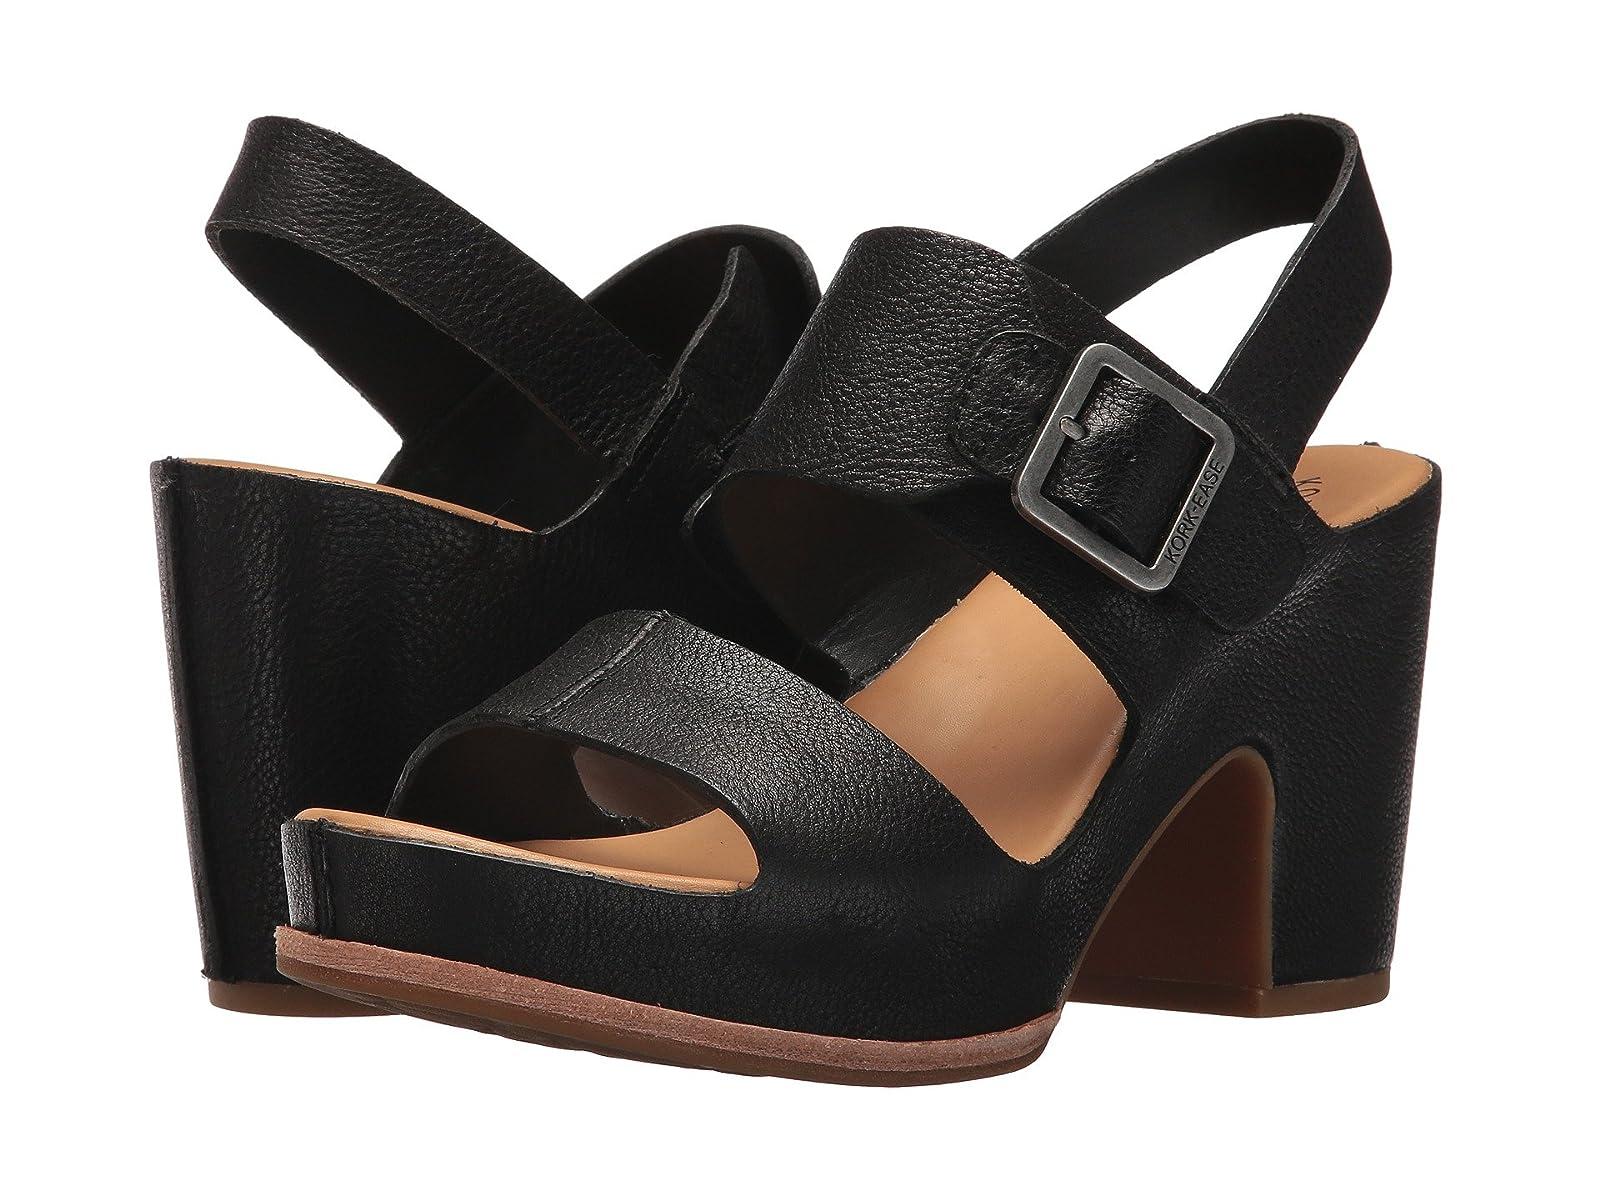 Kork-Ease San CarlosAtmospheric grades have affordable shoes